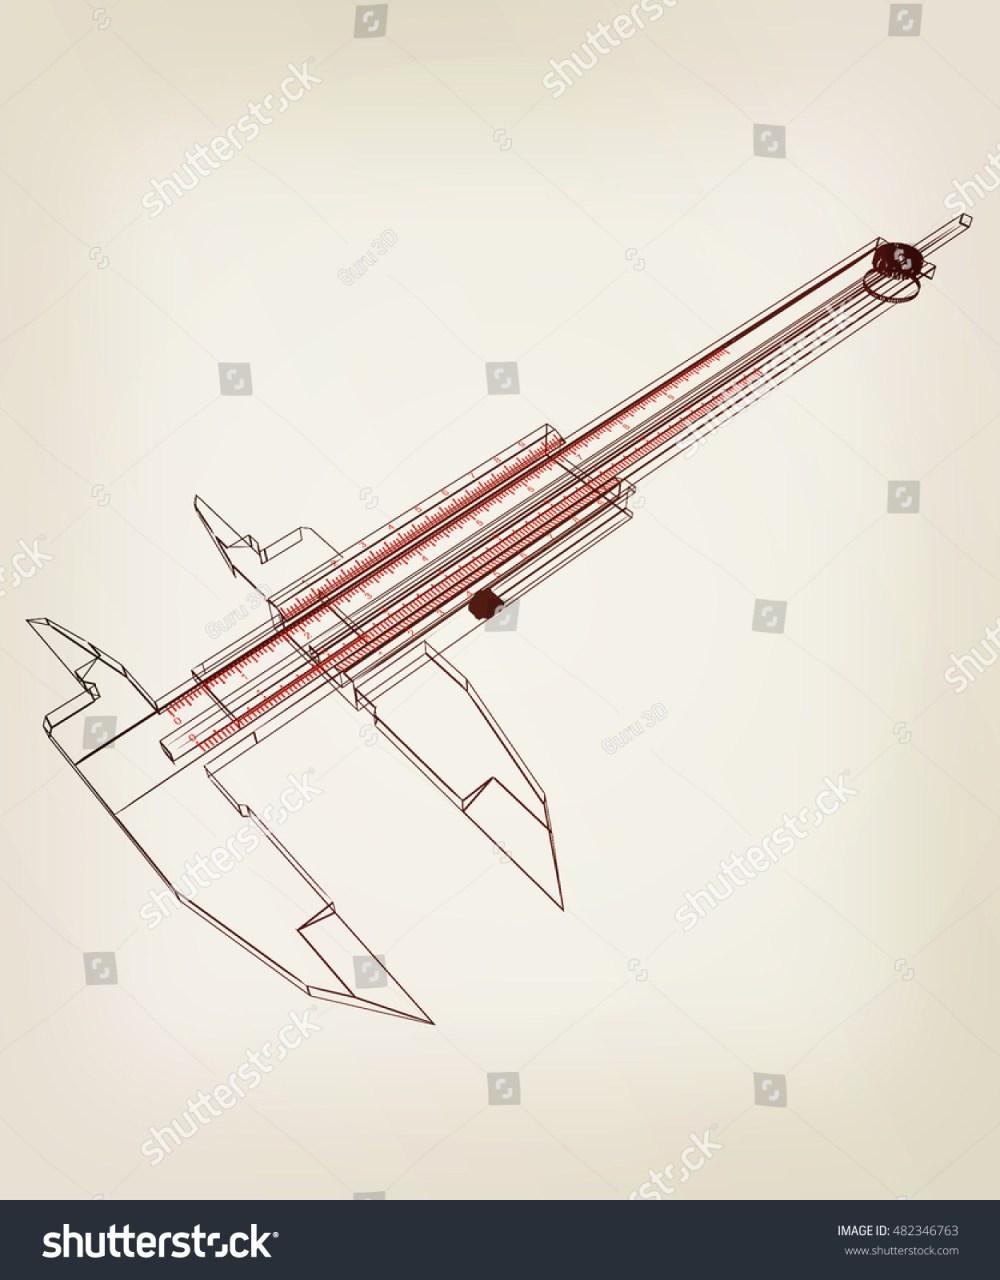 medium resolution of vernier caliper 3d illustration vintage style